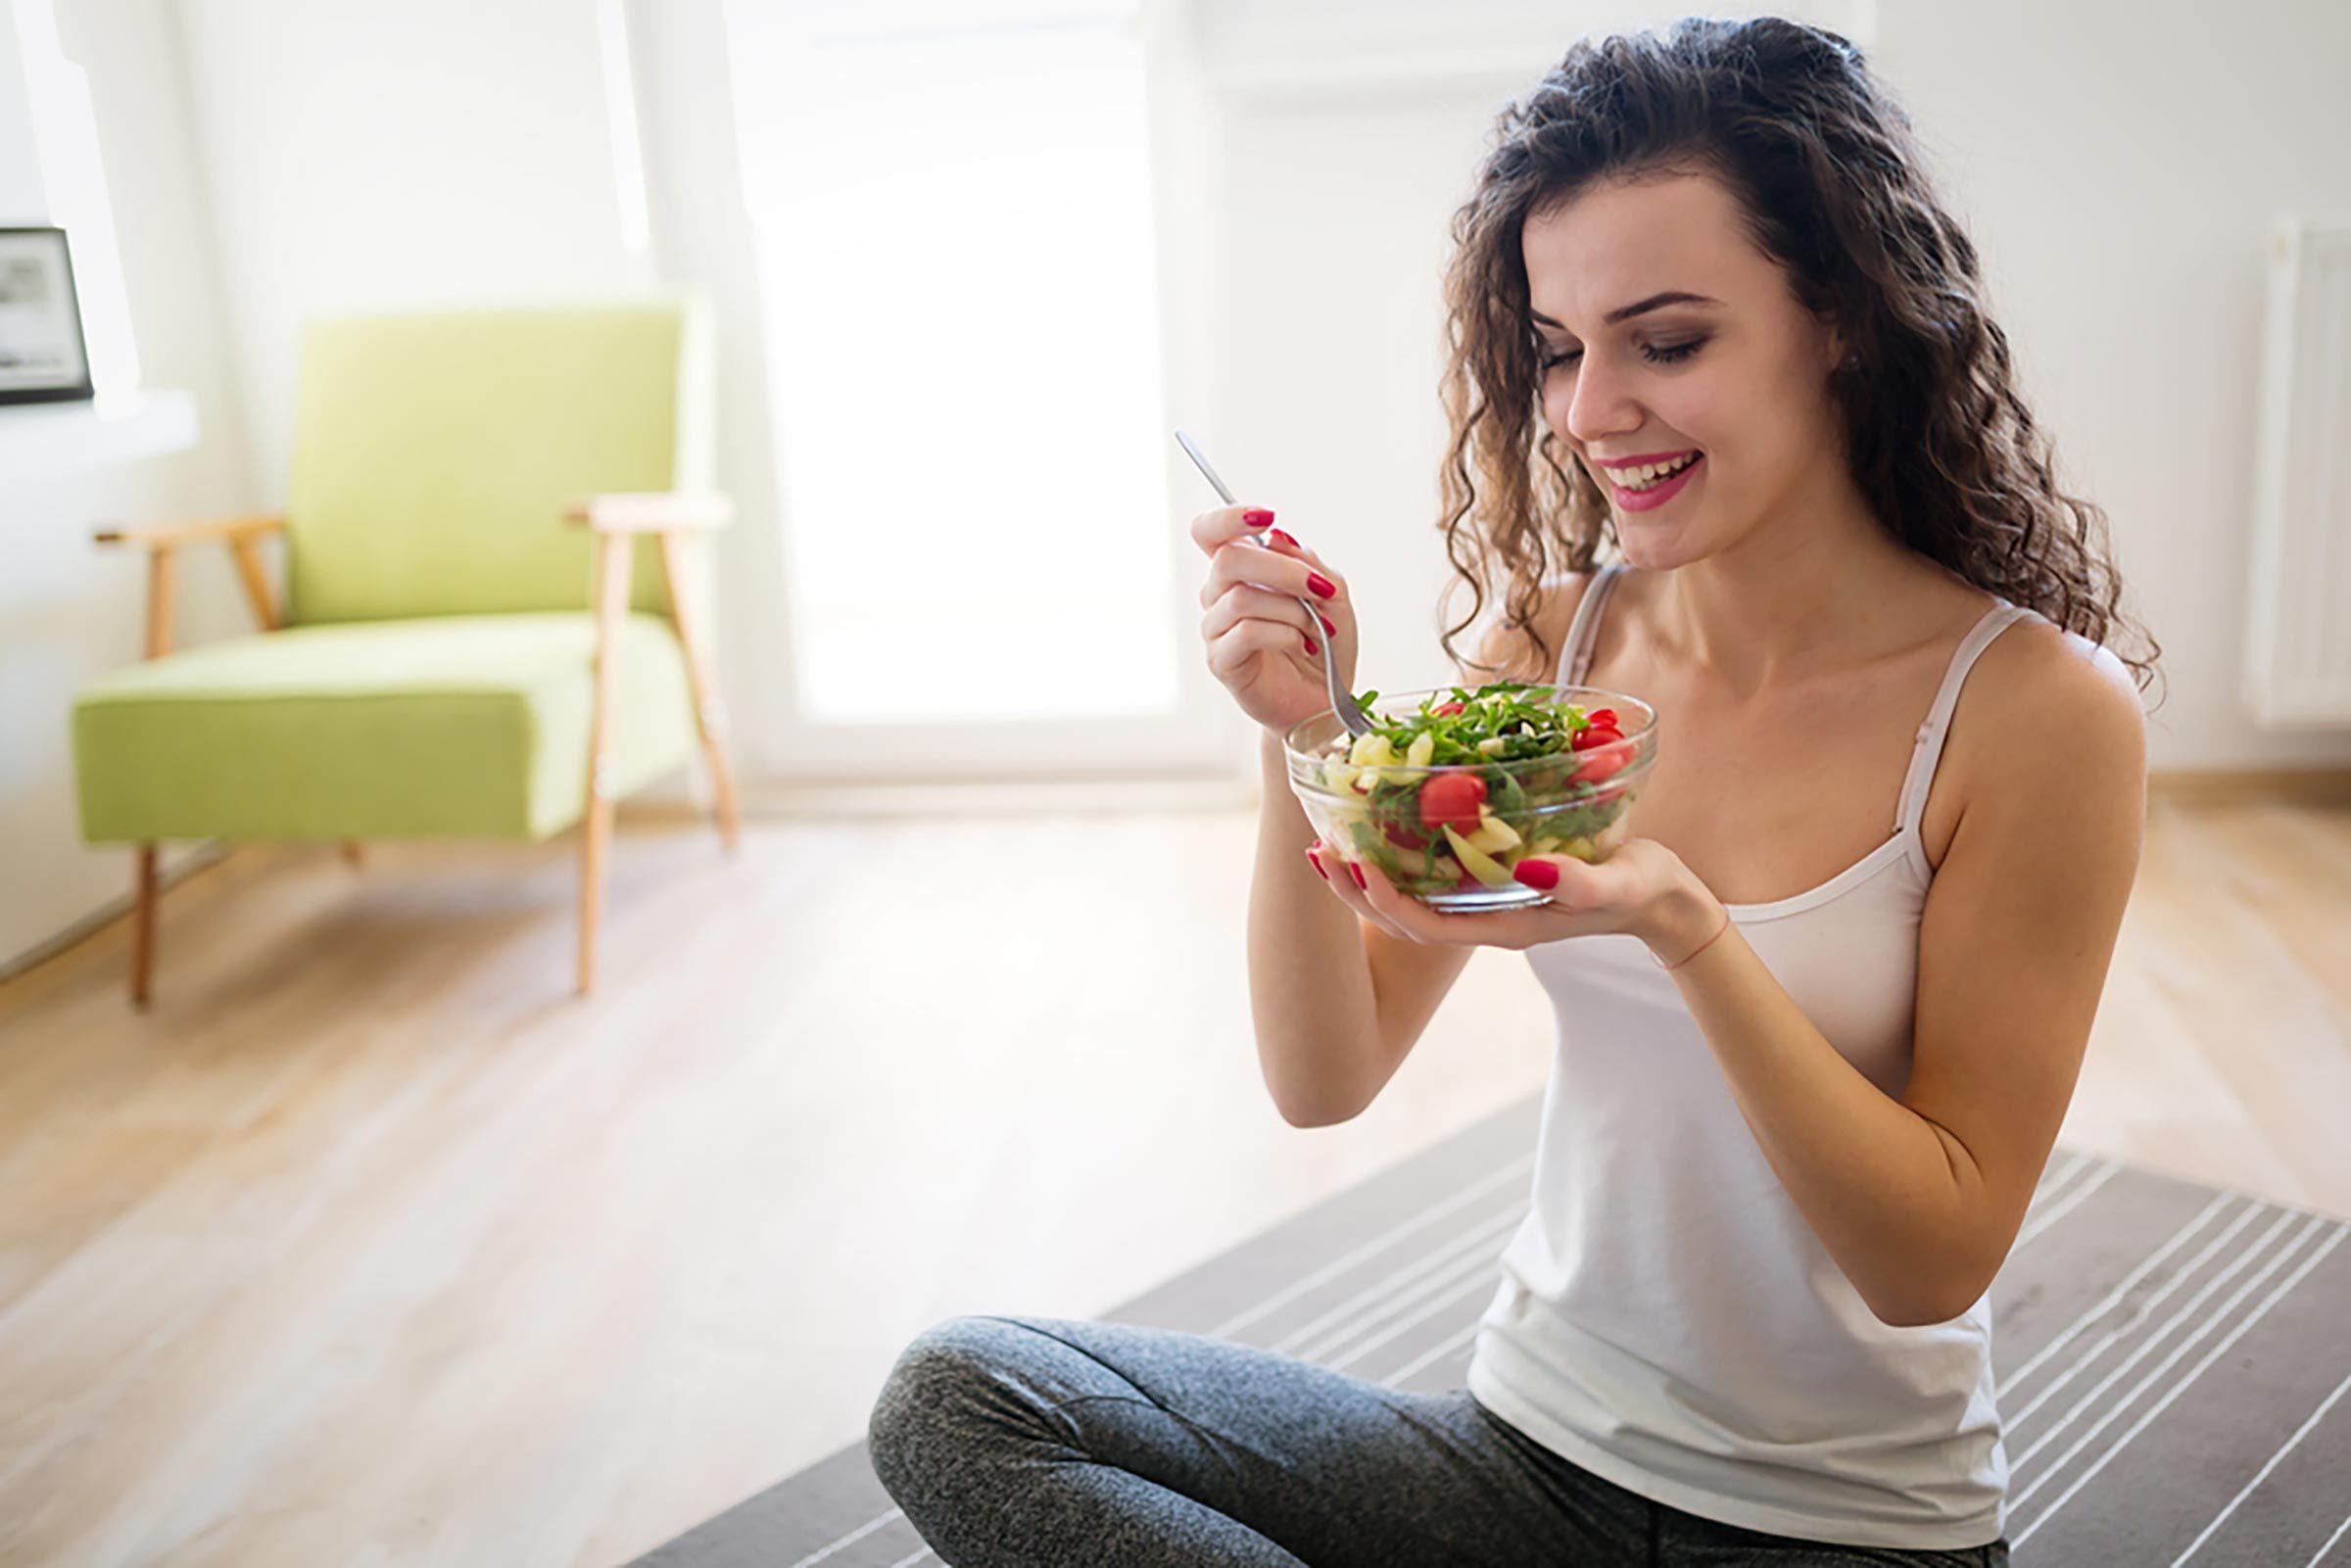 Conseil santé : avoir une vie équilibrée